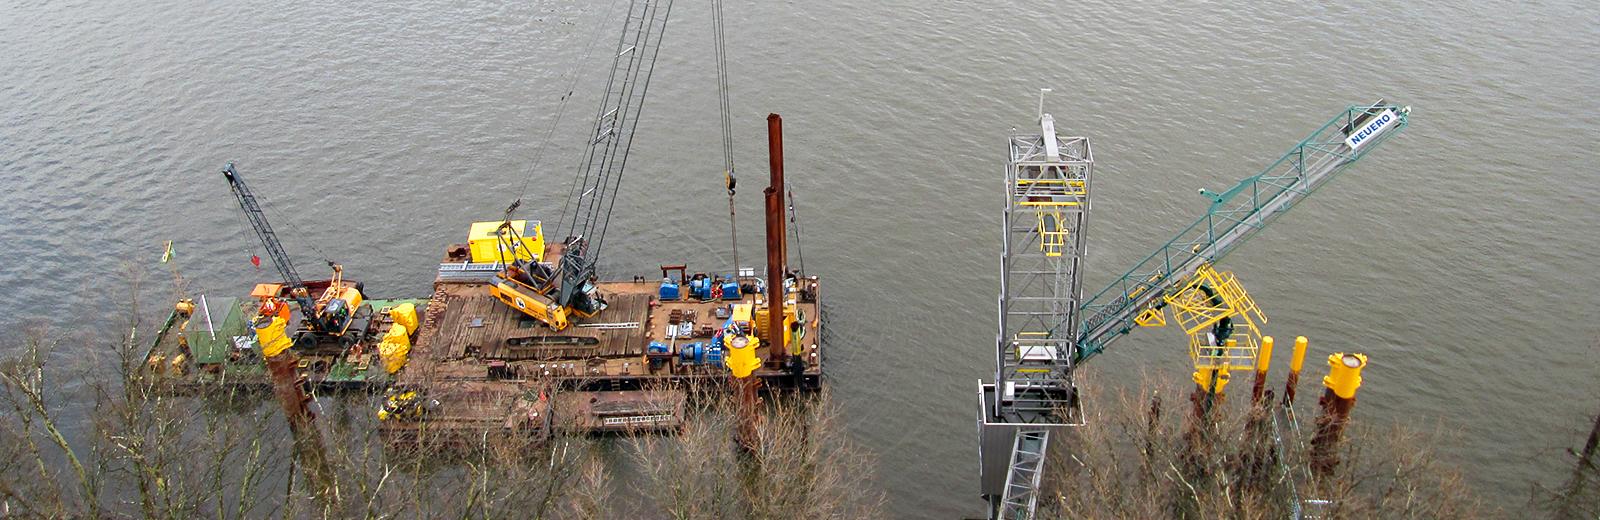 Depenbrock, Ingenieur- und Wasserbau